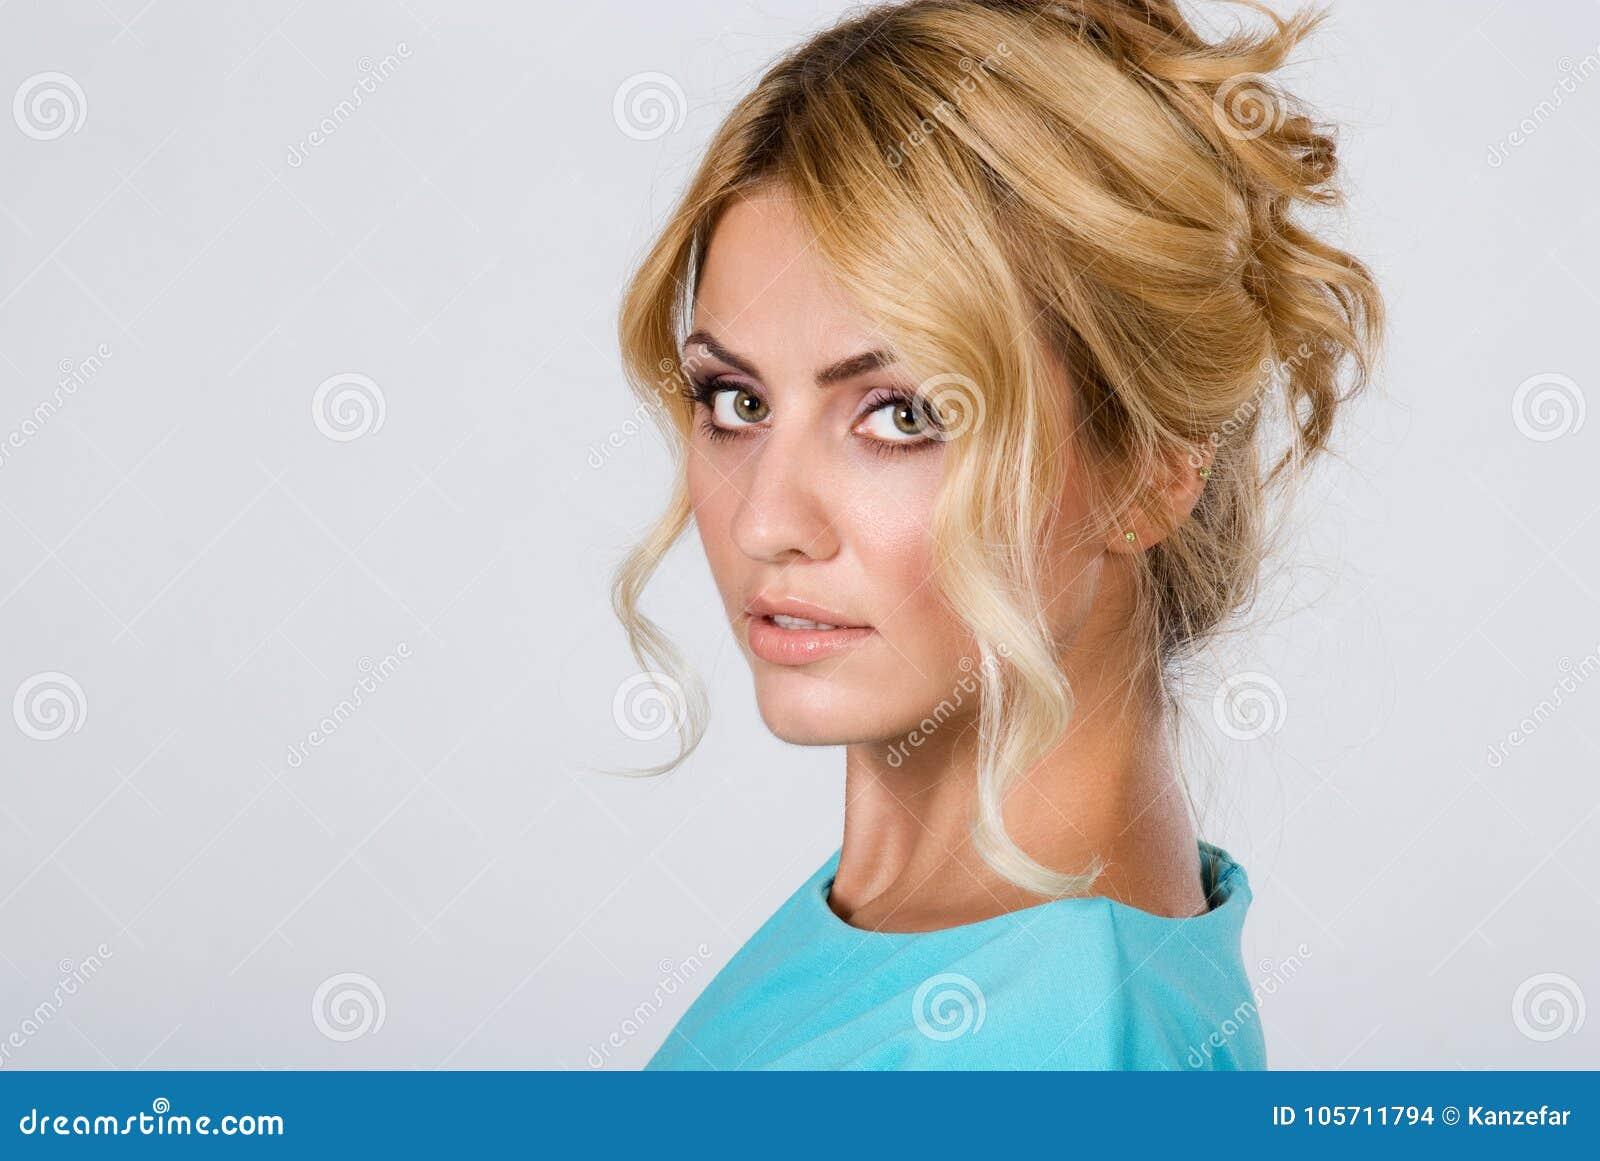 Porträt einer Schönheit mit der sauberen Haut lokalisiert